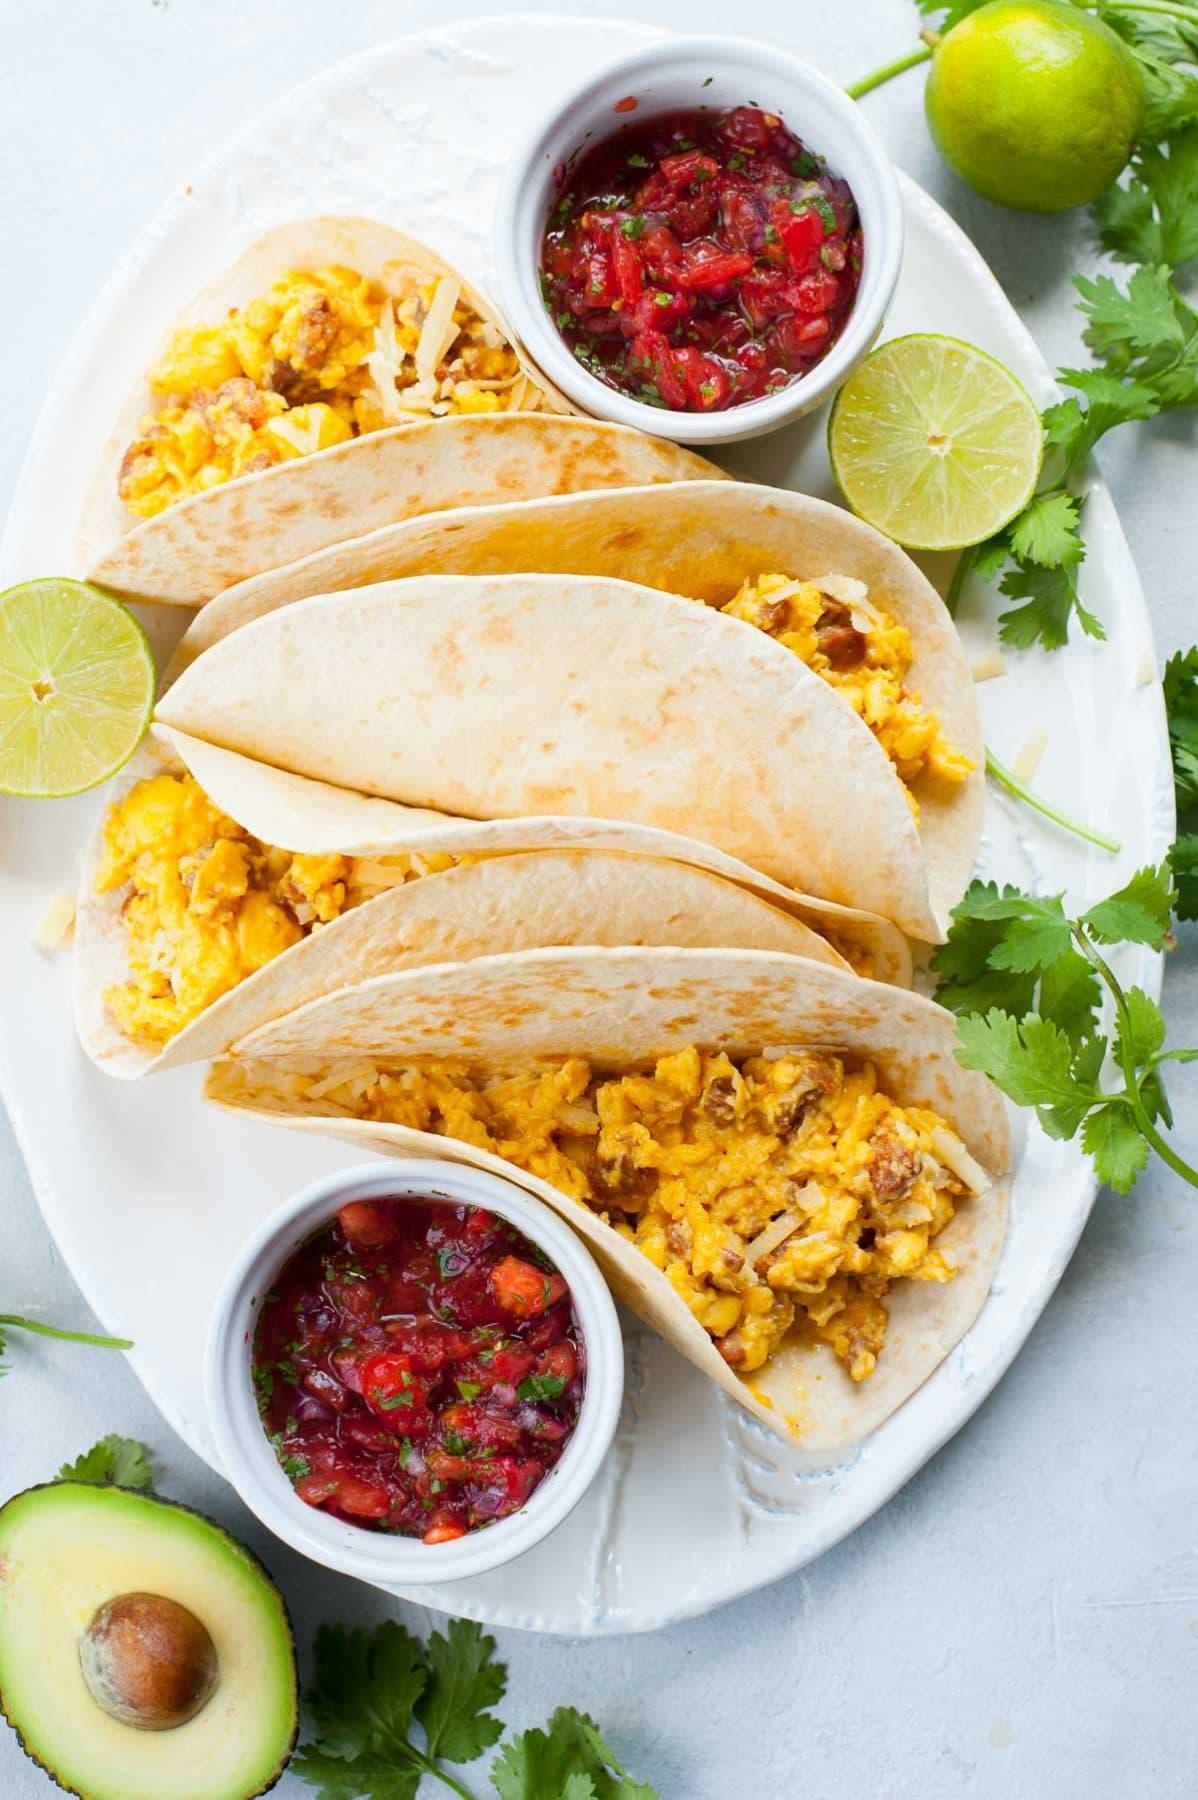 duży biały talerz z 4 tacos z jajecznica i chorizo, 2 małe miseczki z pico de gallo